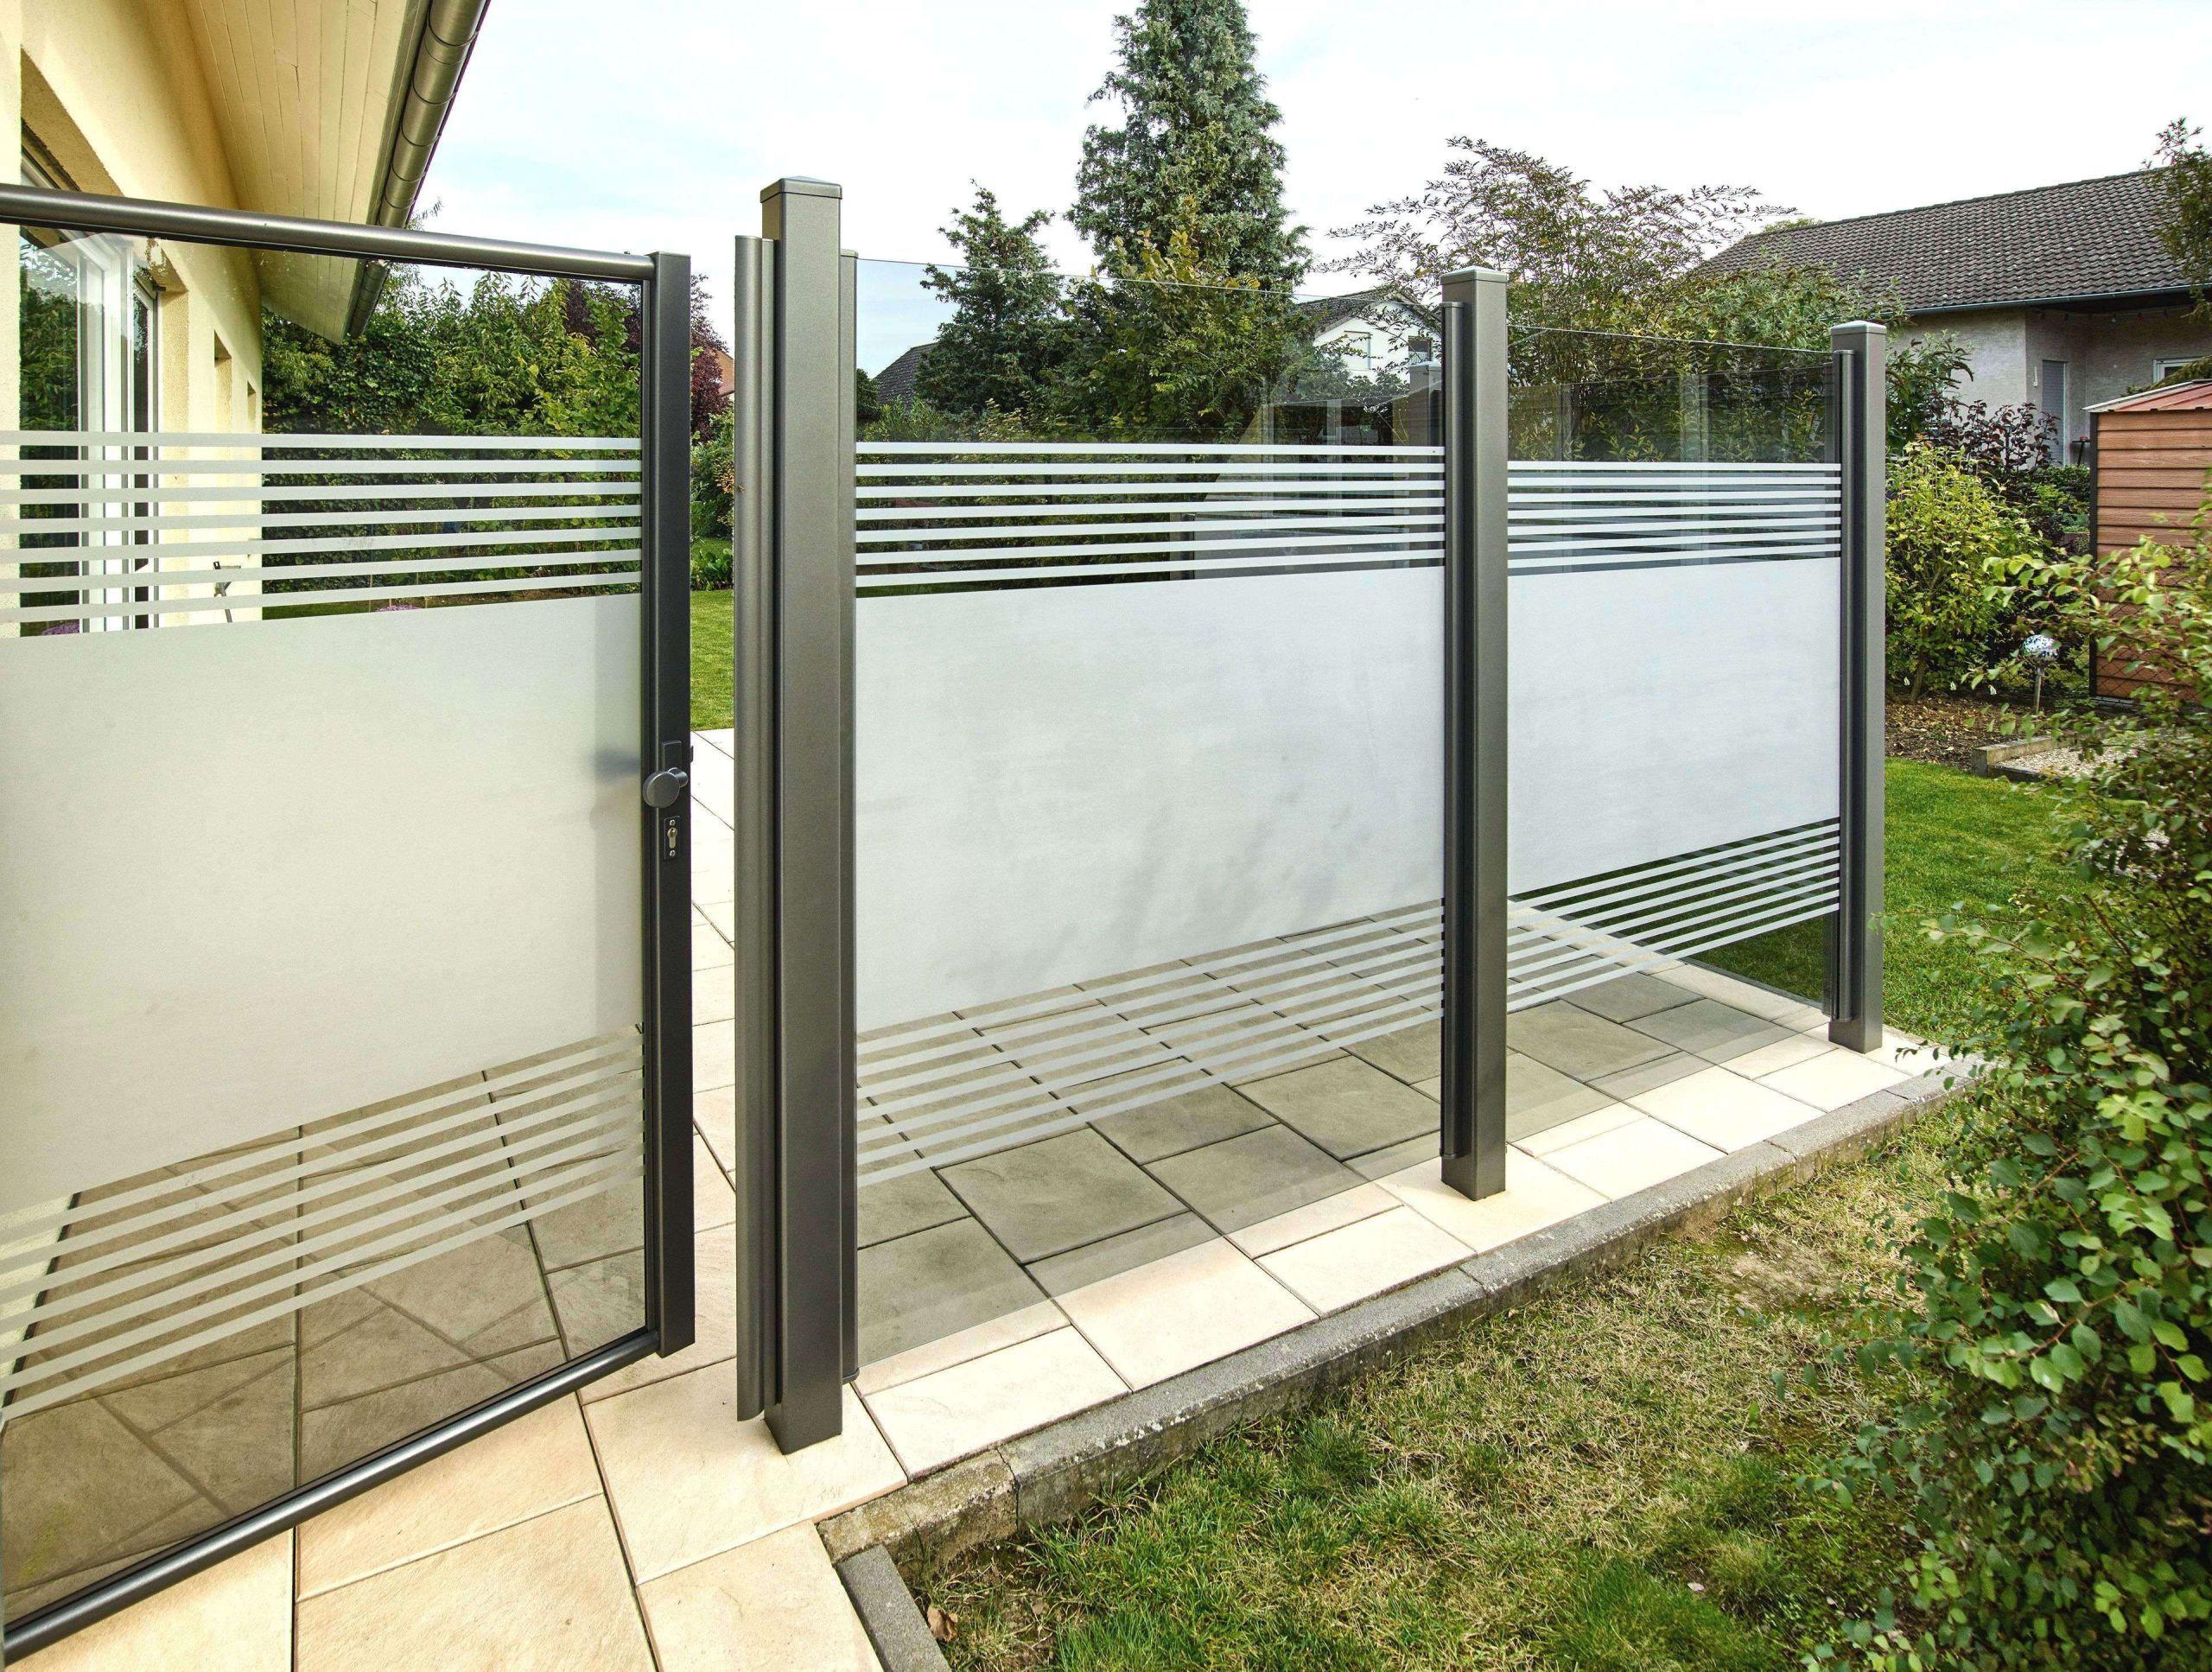 garten sichtschutz ideen sichtschutz garten ideen schon sichtschutz garten terrasse beste of garten sichtschutz ideen